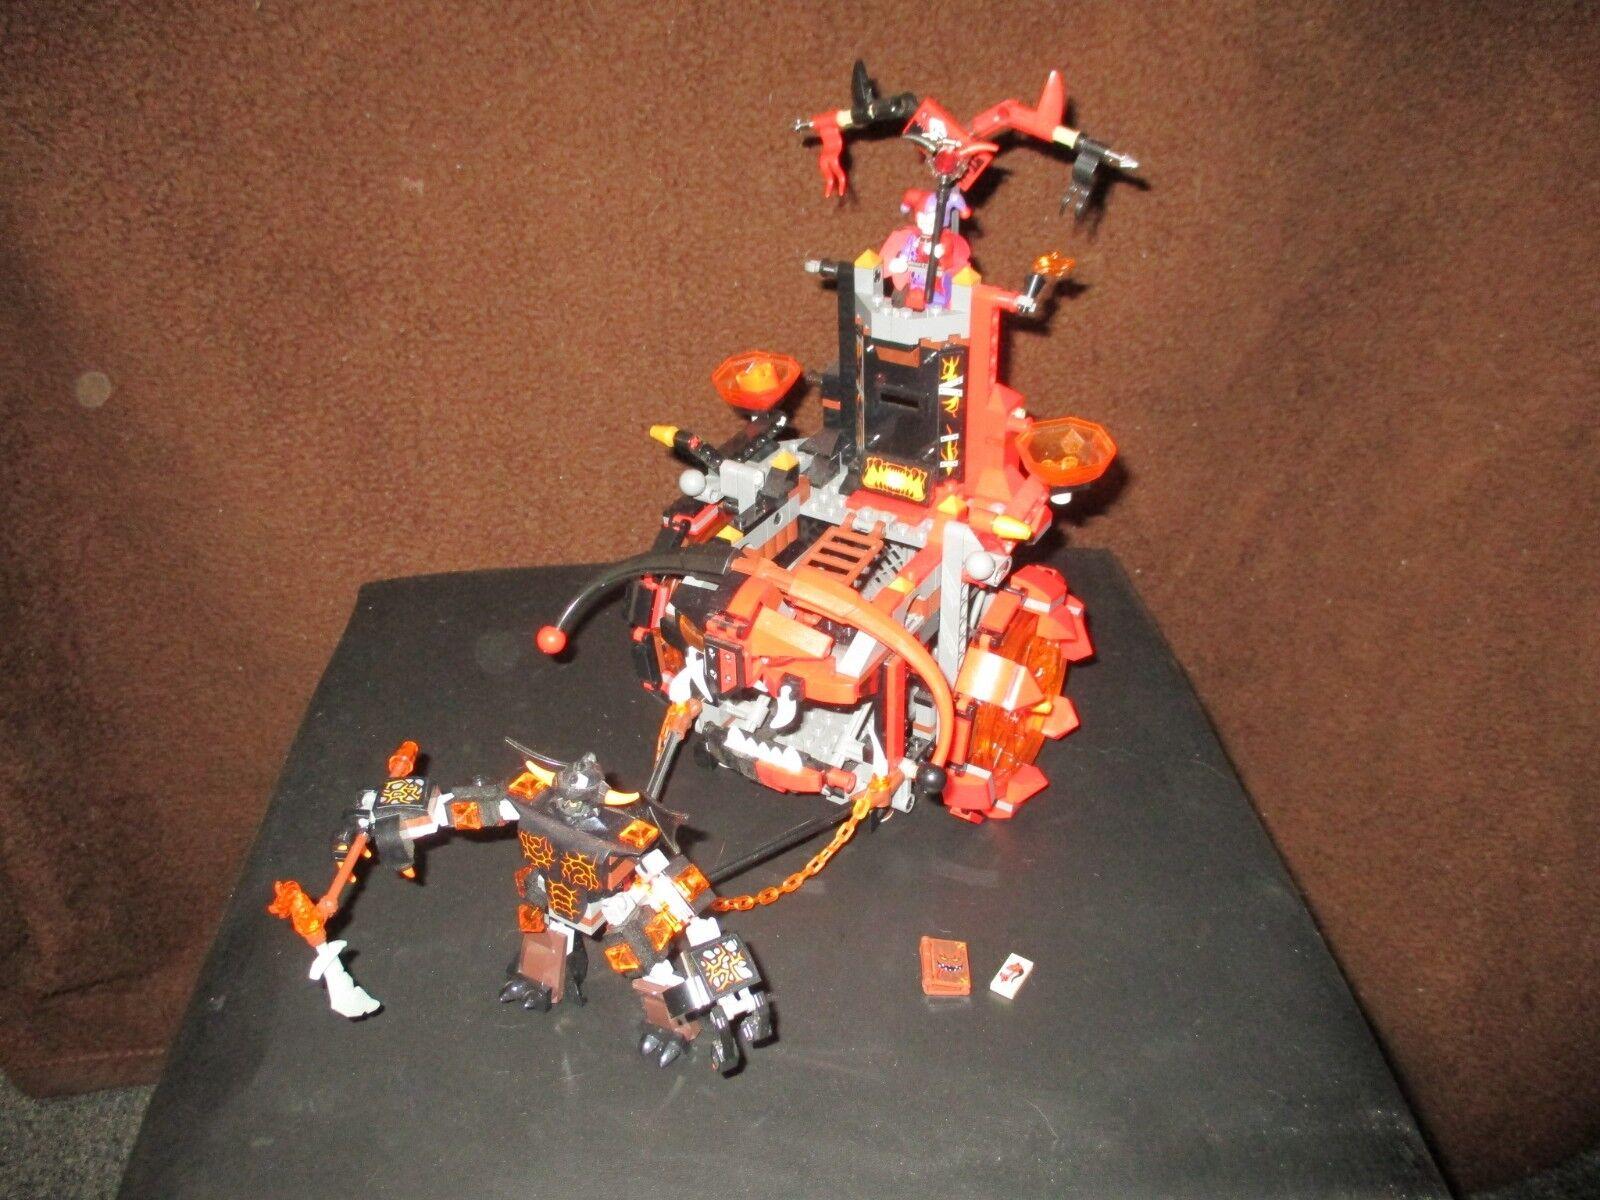 Nuova lista LEGO -70316 - - - Nexo Knights-jestros Evil mobile  ordina ora con grande sconto e consegna gratuita